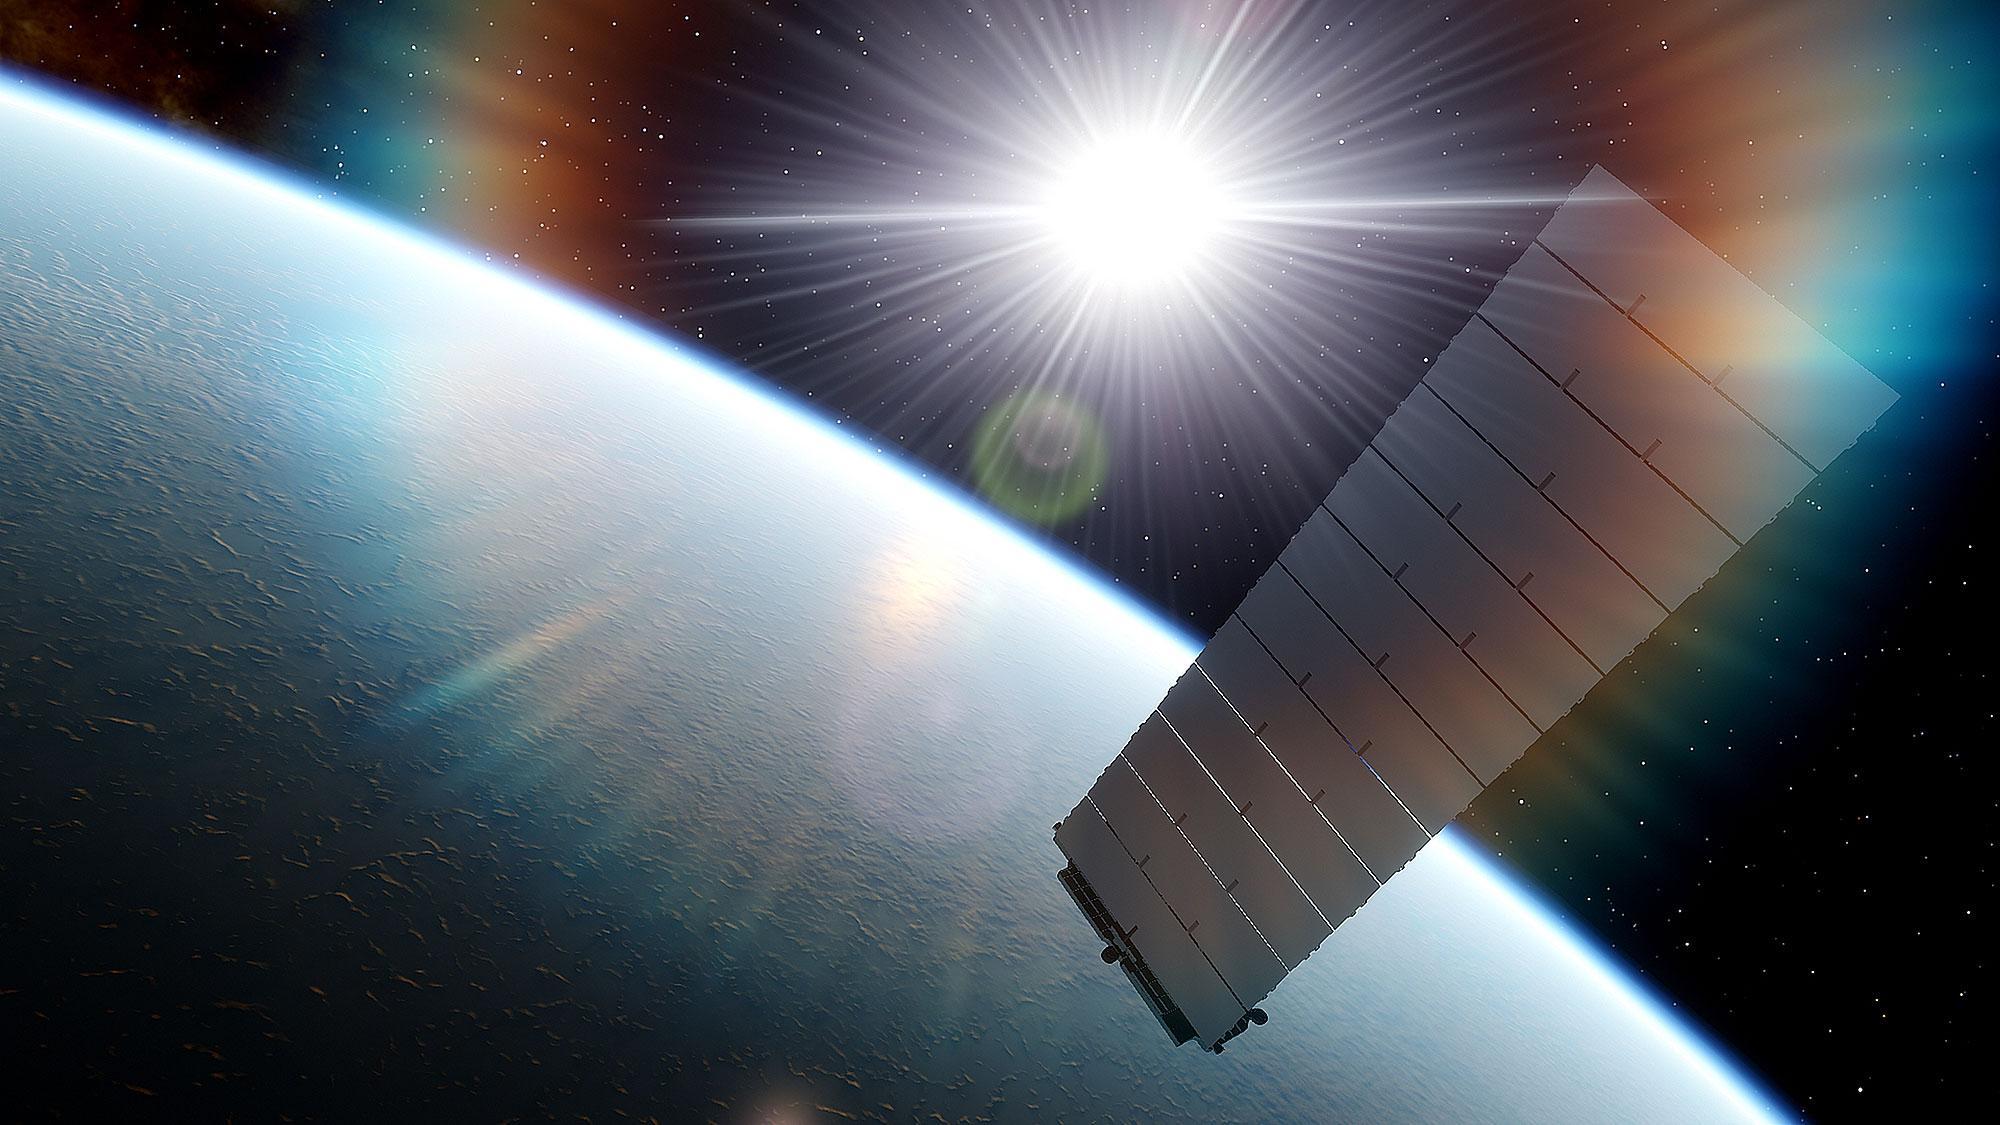 Сеть Пентагона. Истинное предназначение спутников Starlink Илона Маска